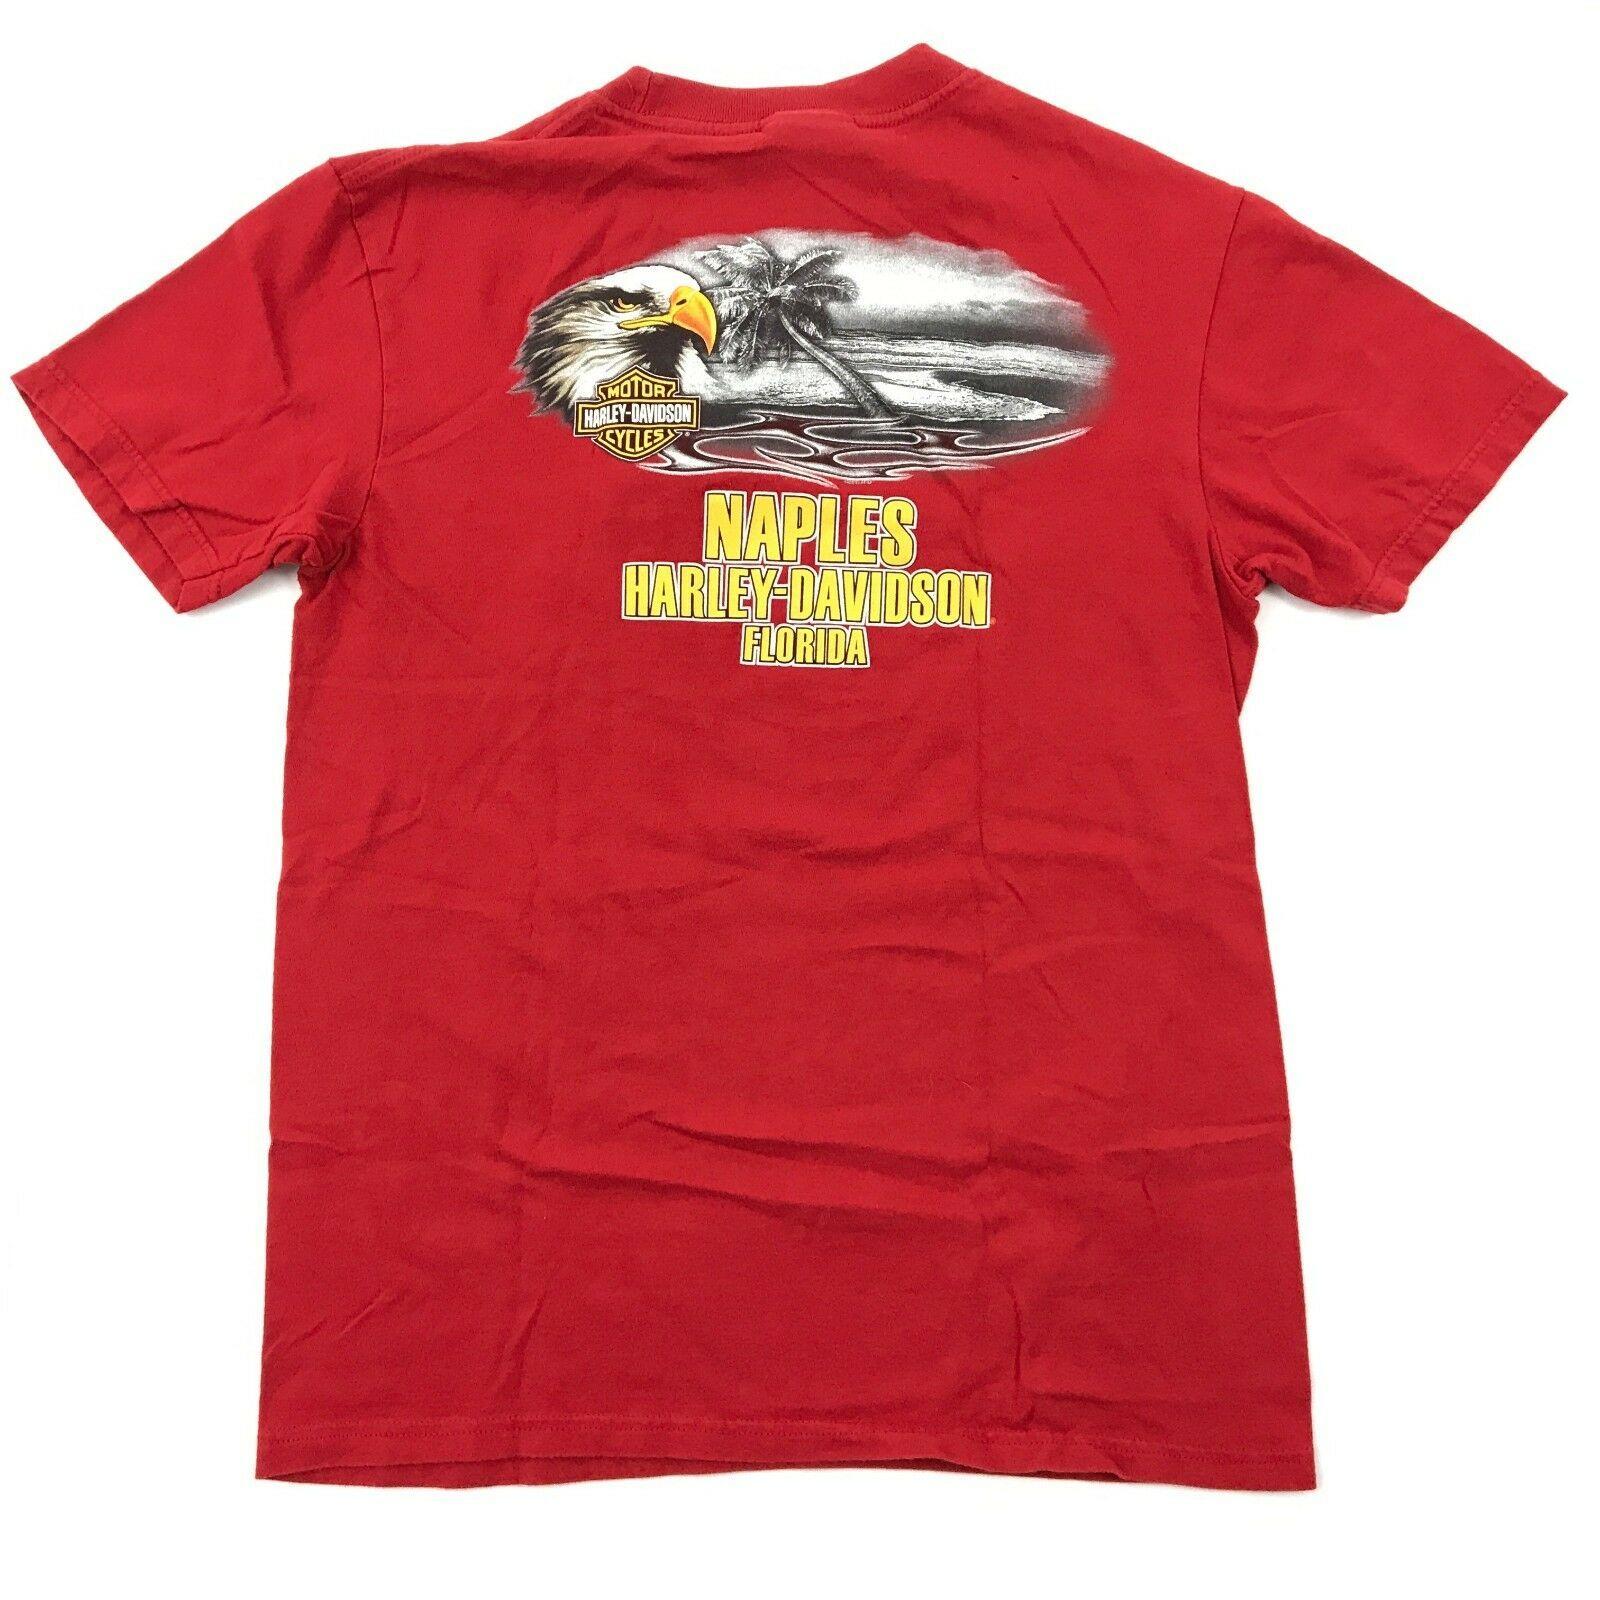 Harley Davidson Timeless Tradition Camicia Adulto Rosso Medio Maglietta Due Lati image 2